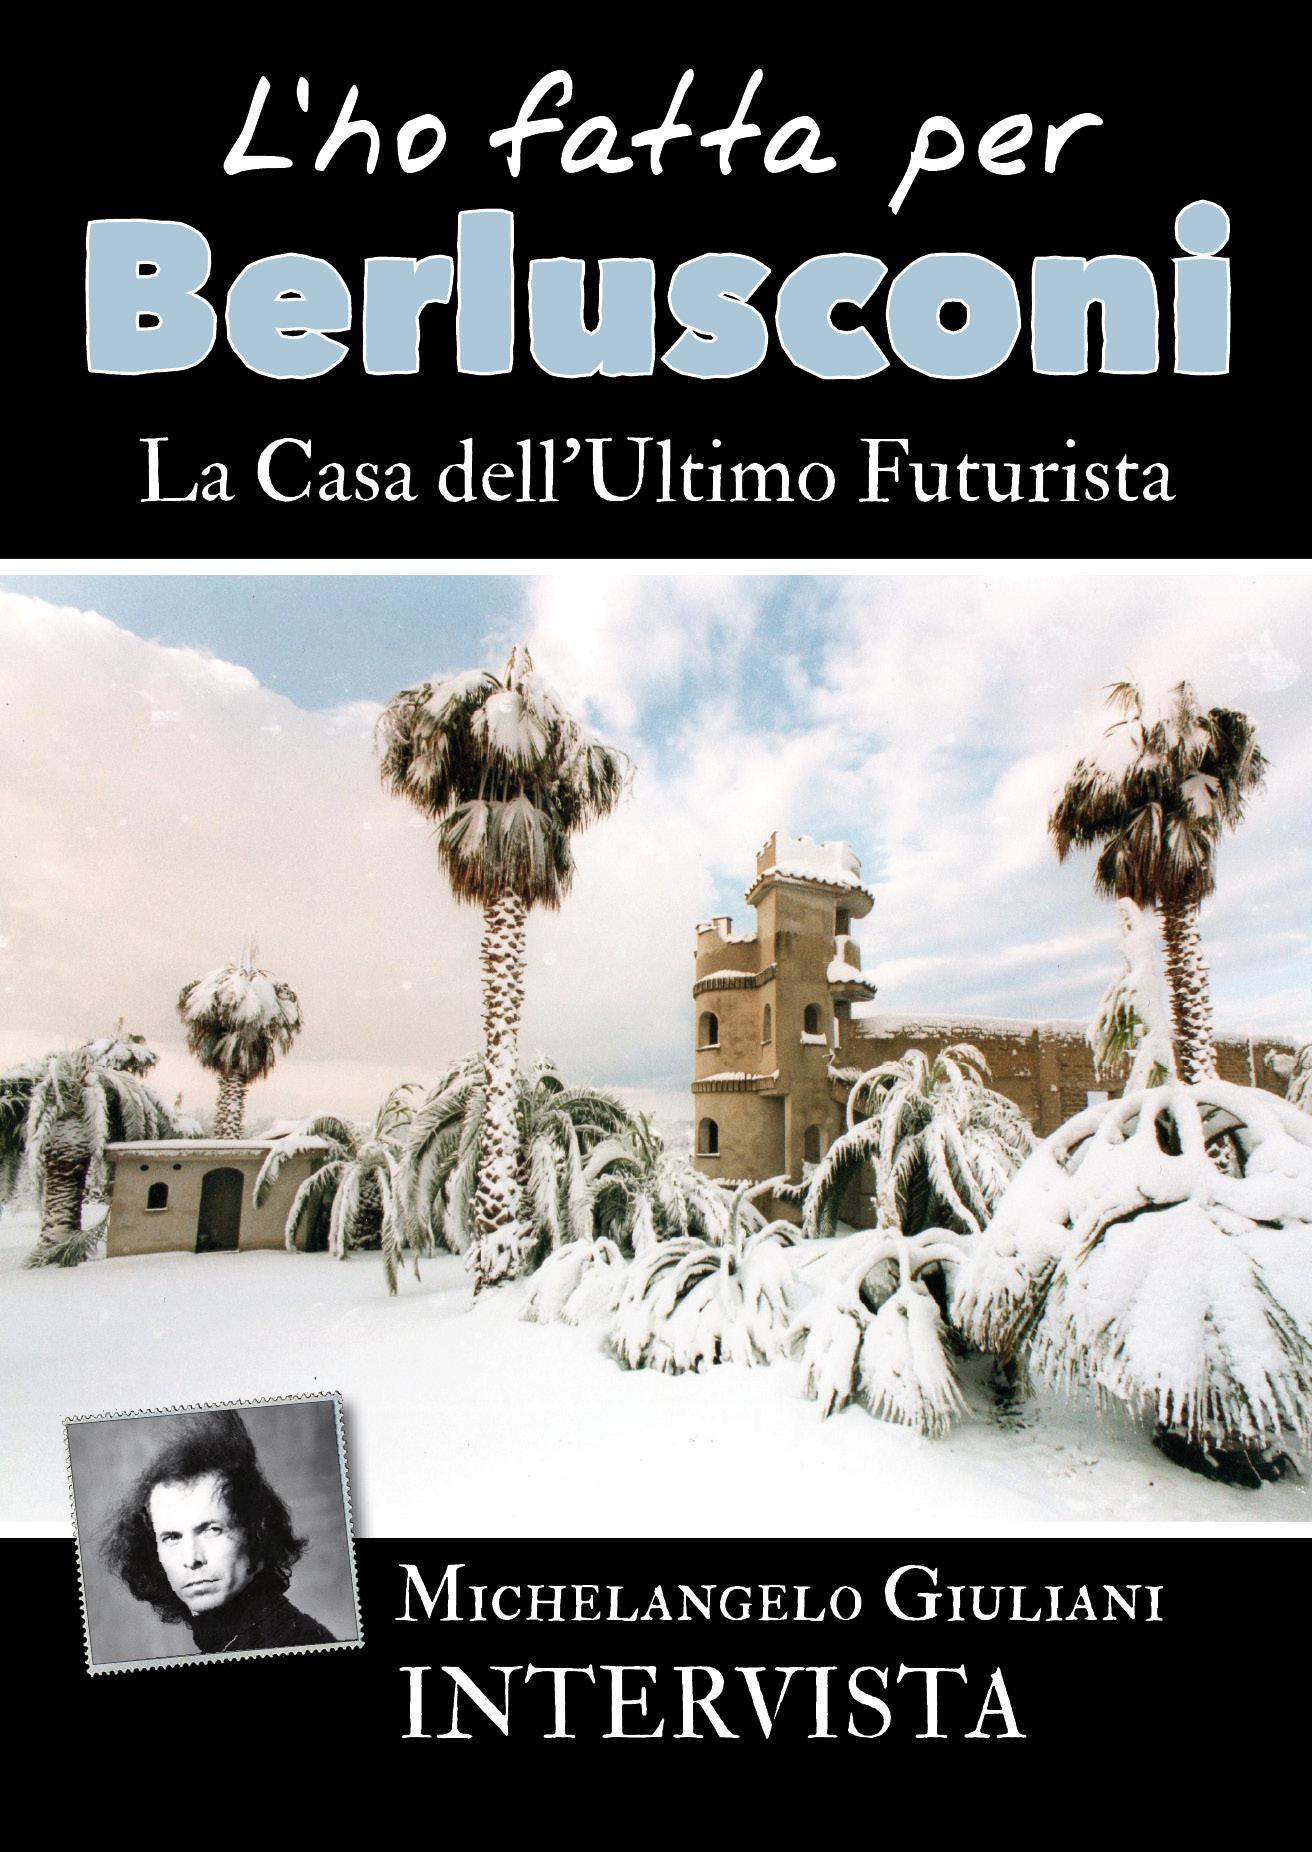 Lho-fatta-per-Berlusconi-Generic